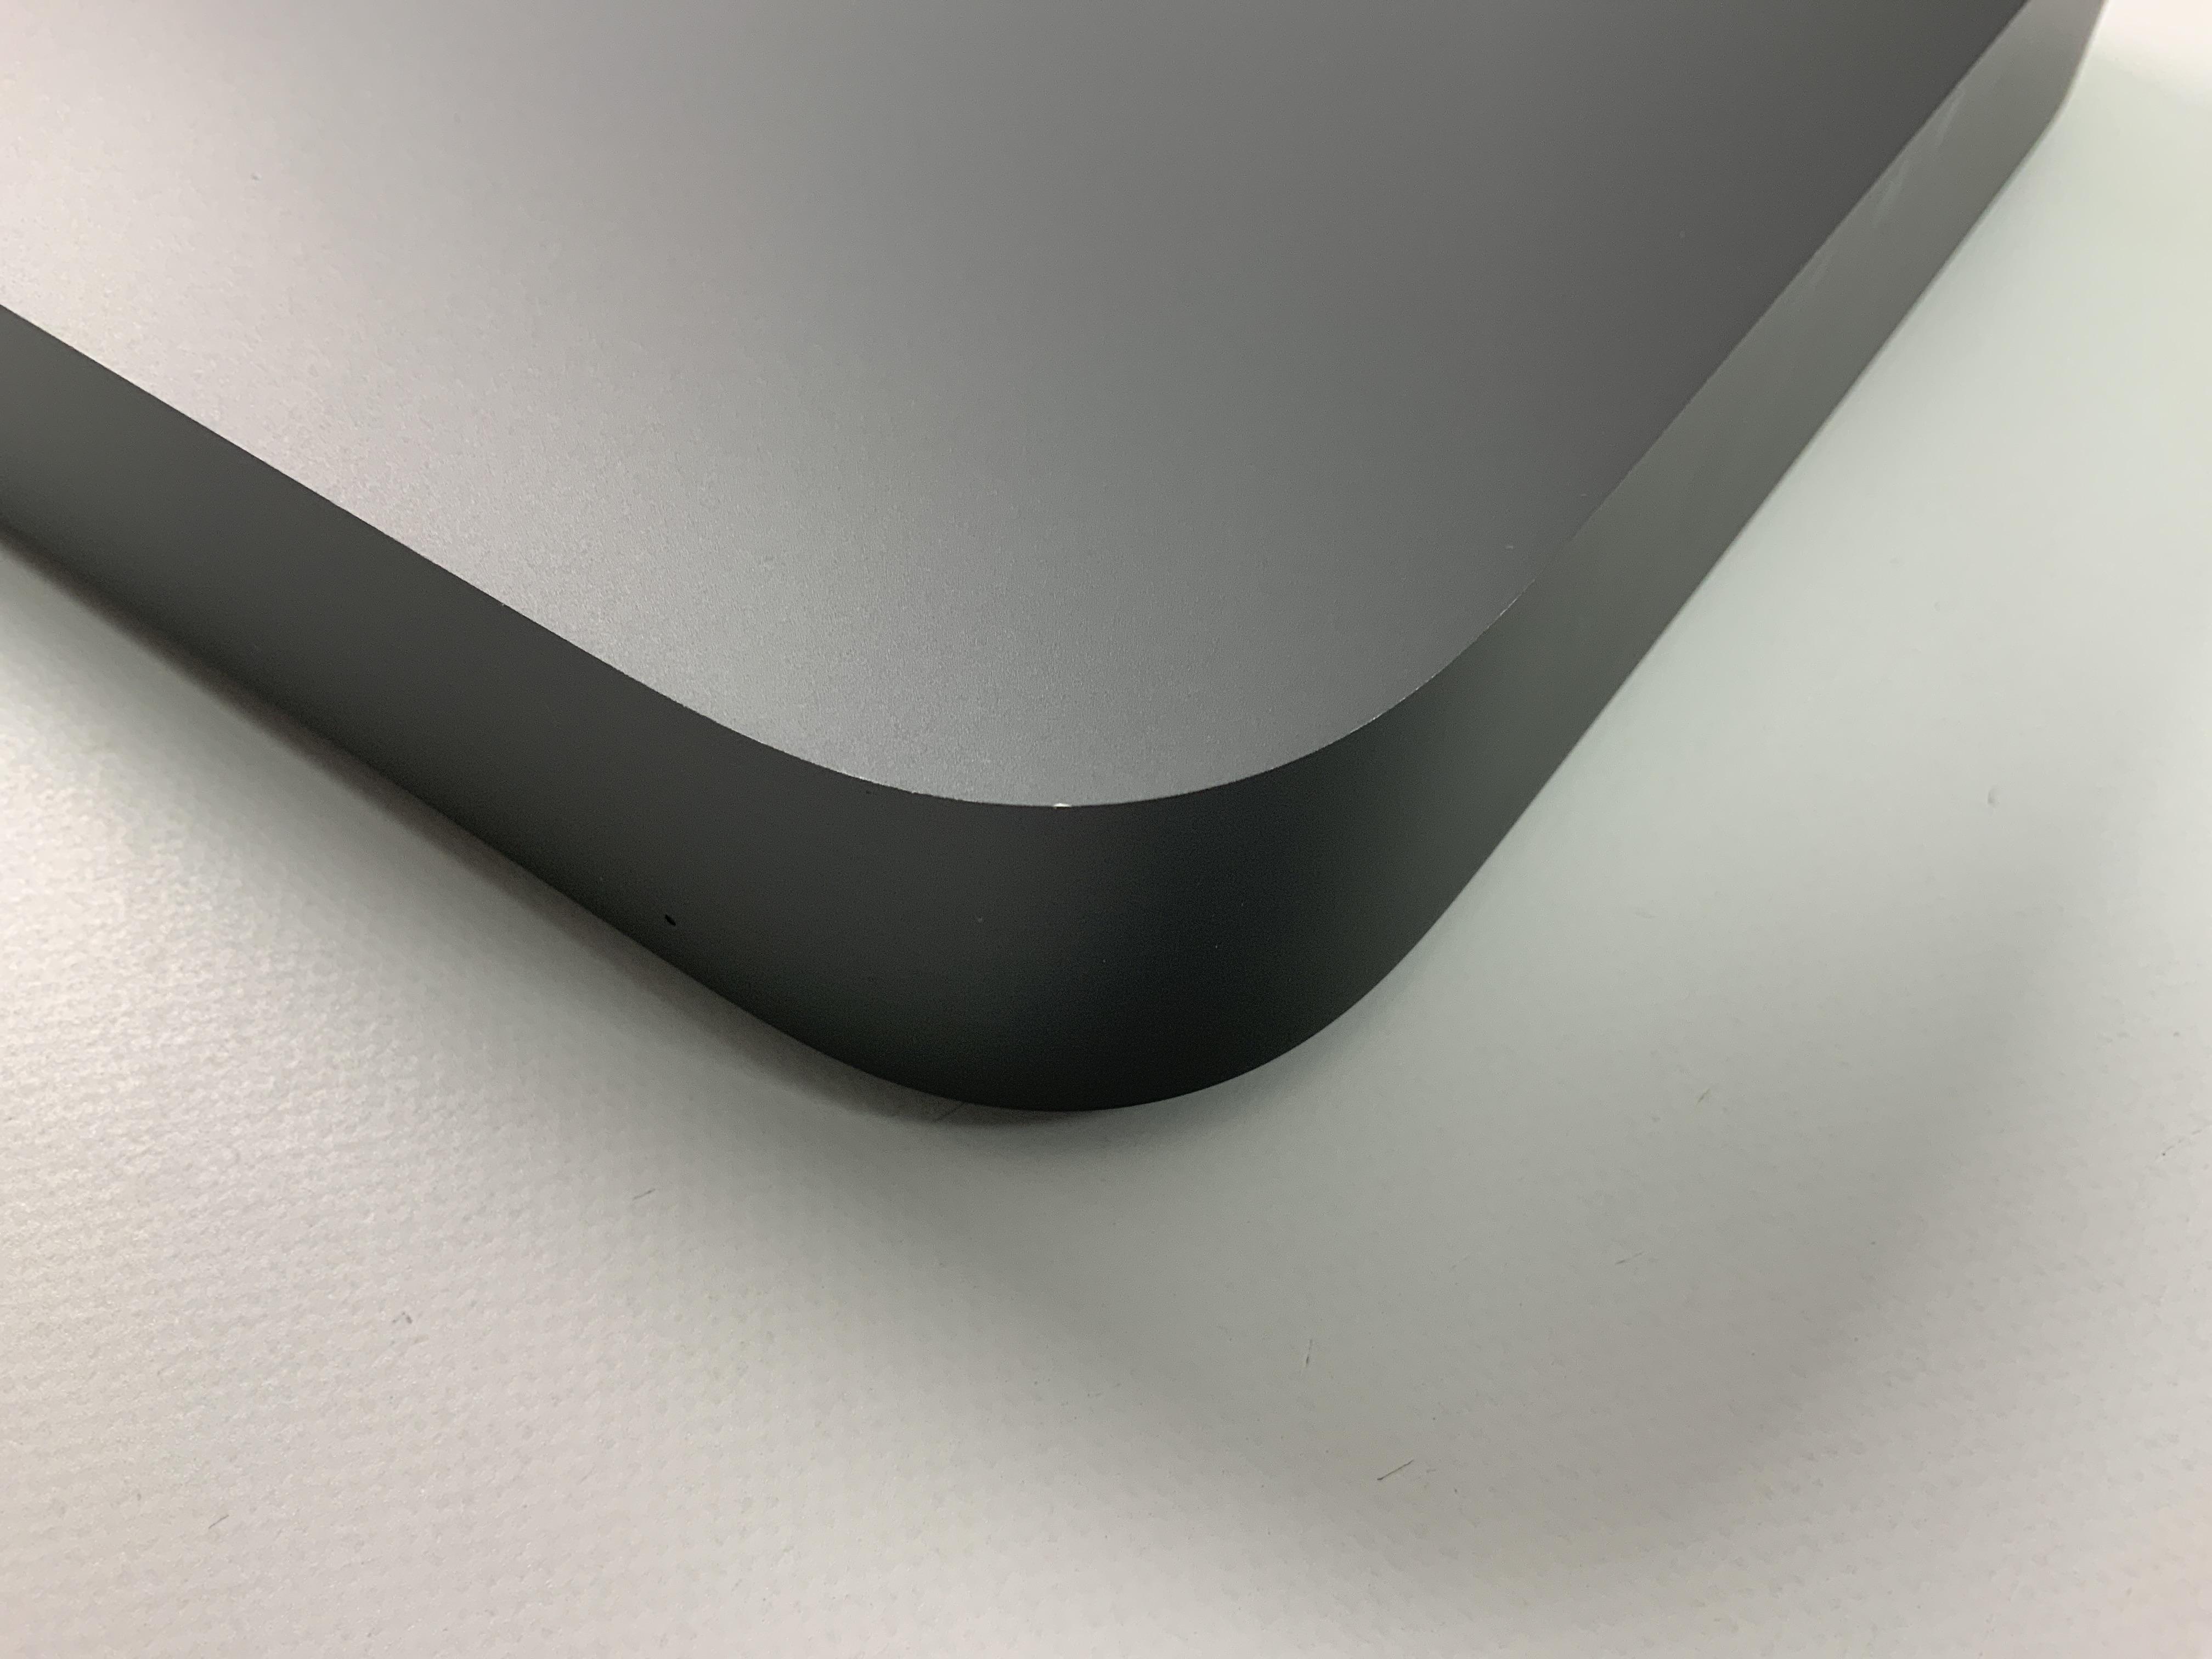 Mac Mini Early 2020 (Intel Quad-Core i3 3.6 GHz 32 GB RAM 256 GB SSD), Intel Quad-Core i3 3.6 GHz, 32 GB RAM, 256 GB SSD, Bild 3